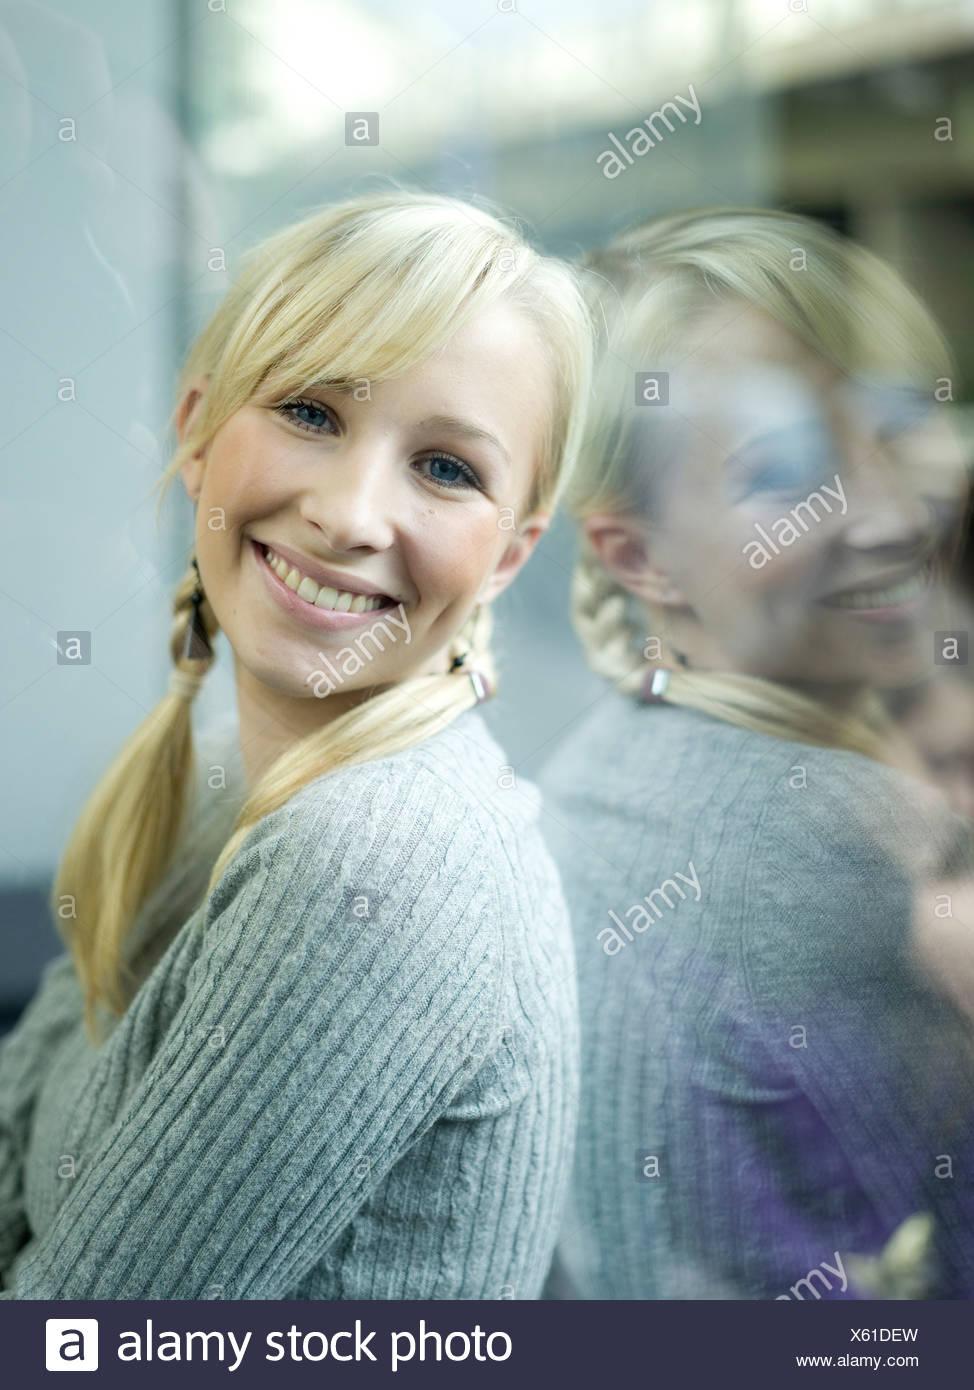 Junge Frau, Porträt, Arme verschränkt Stockbild